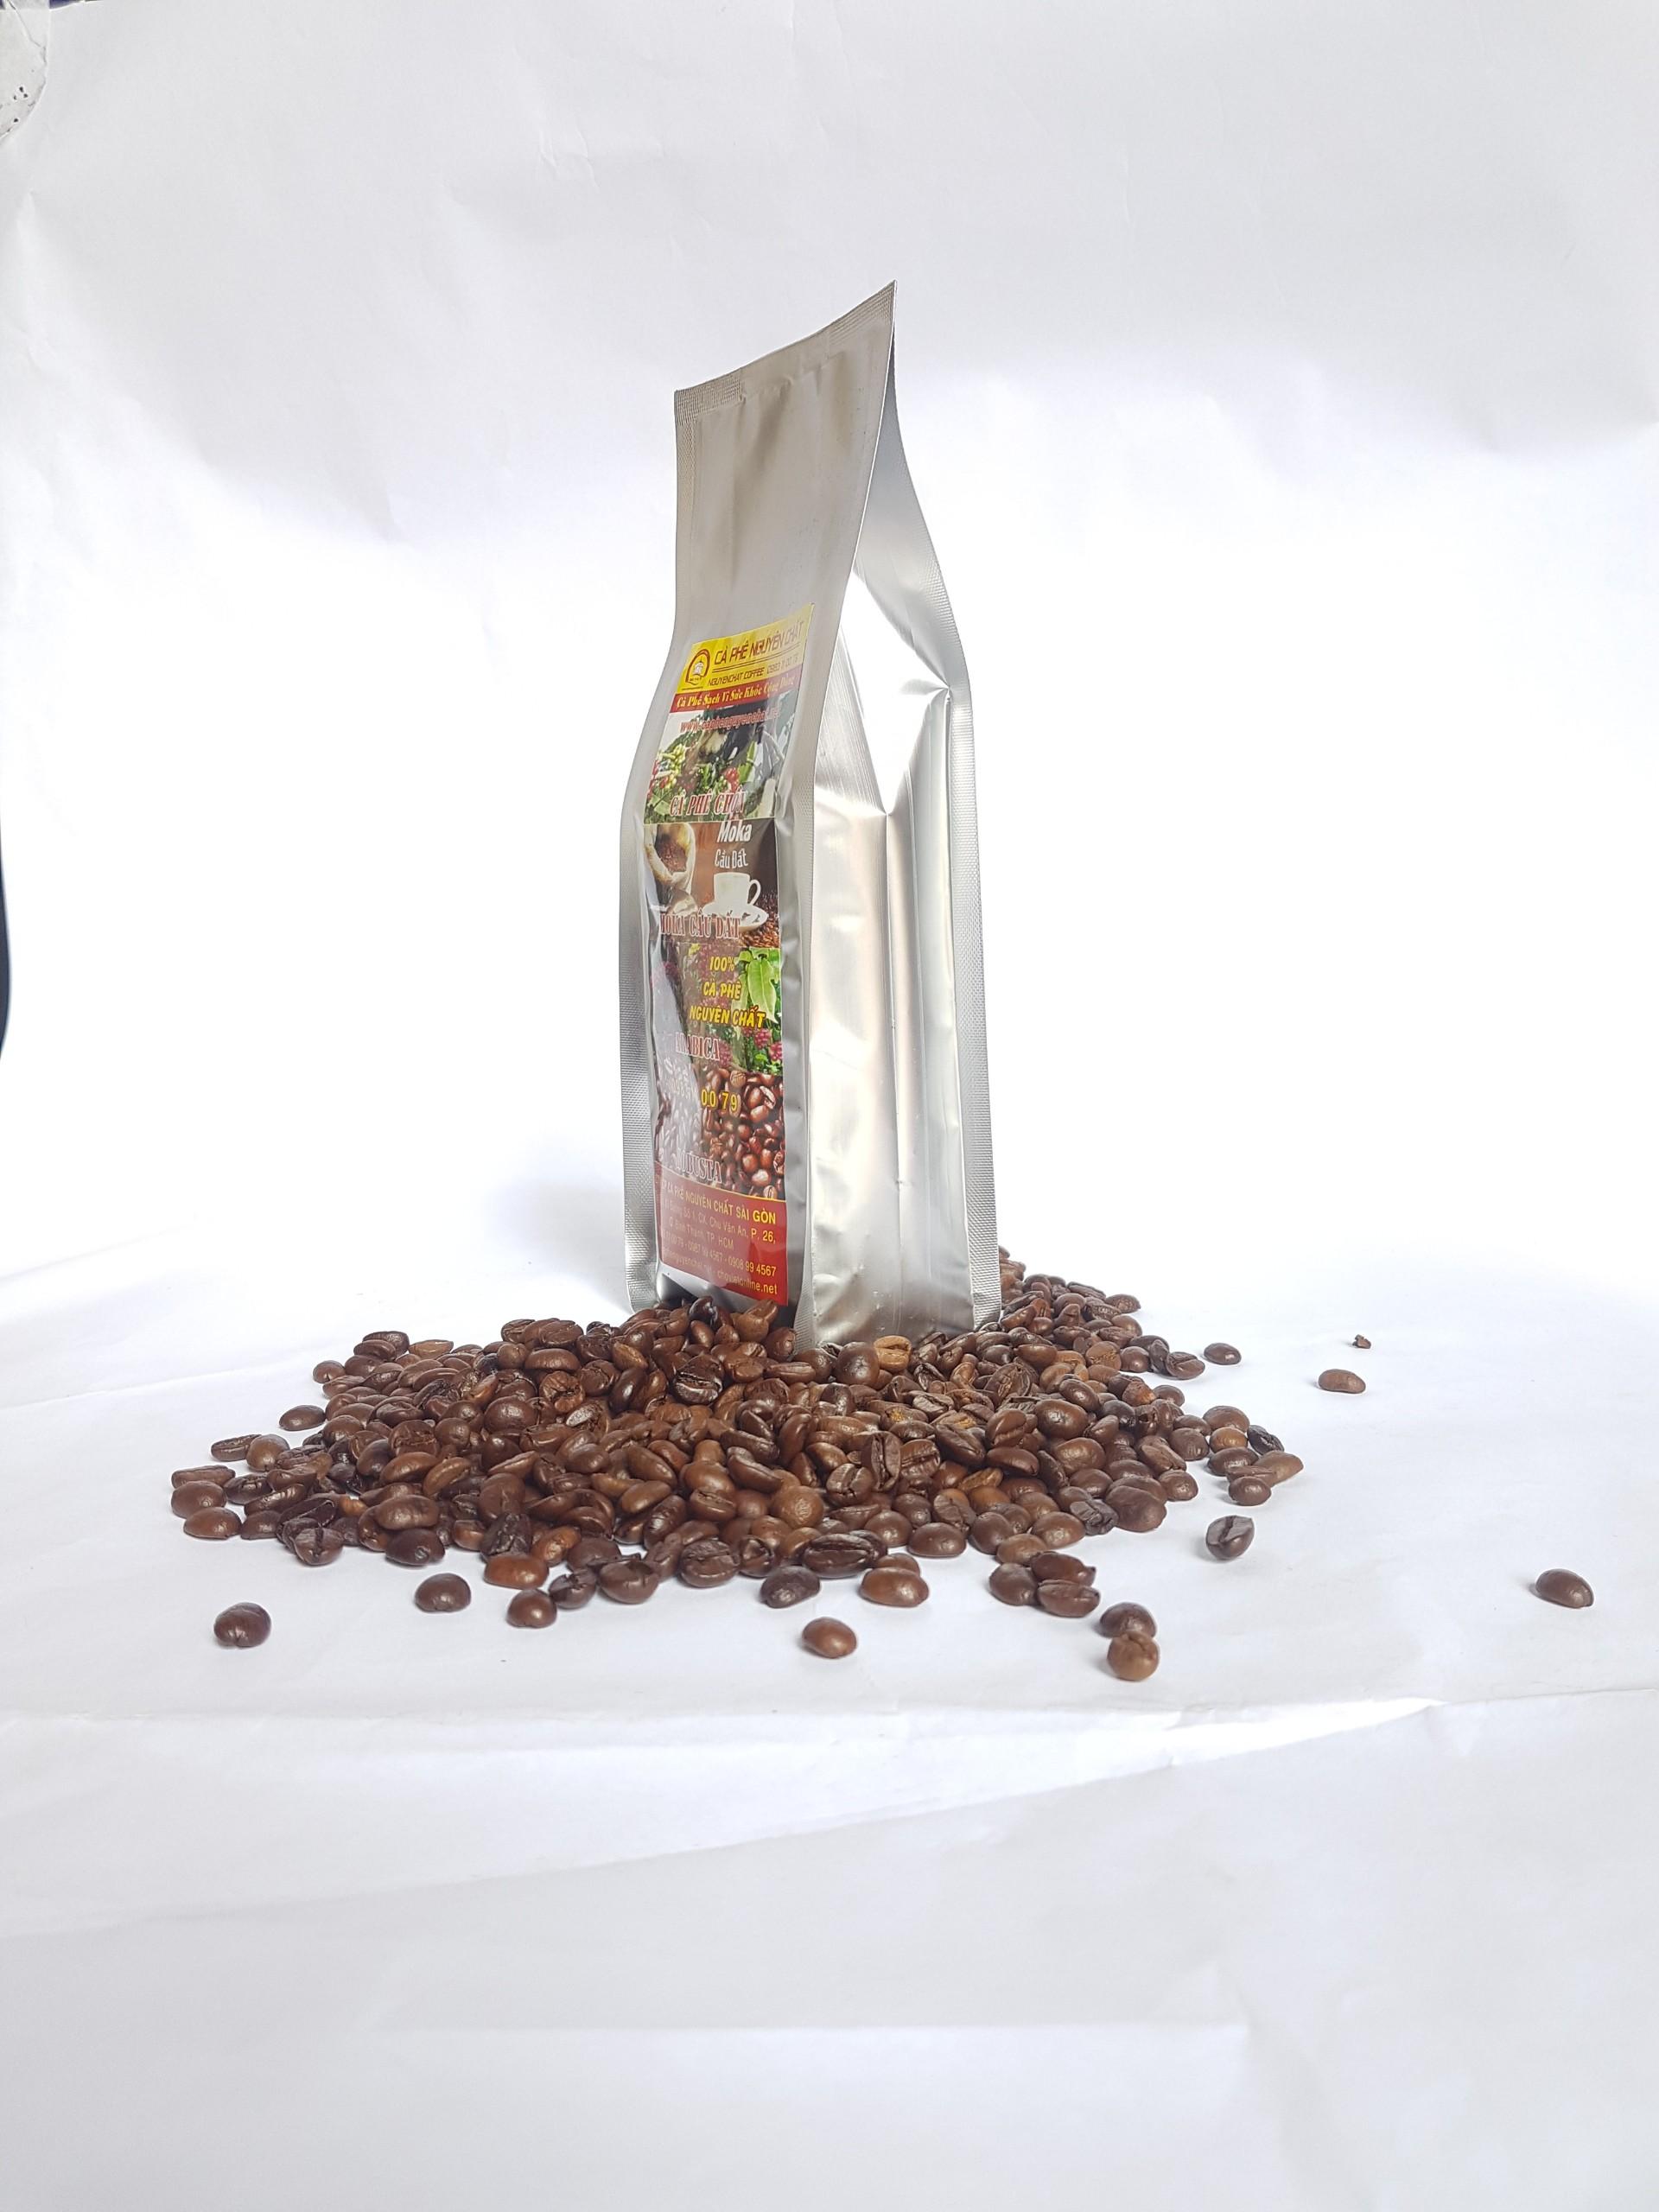 Khi rang cà phê cần chú ý đến nhiệt độ rang và màu sắc của hạt cà phê